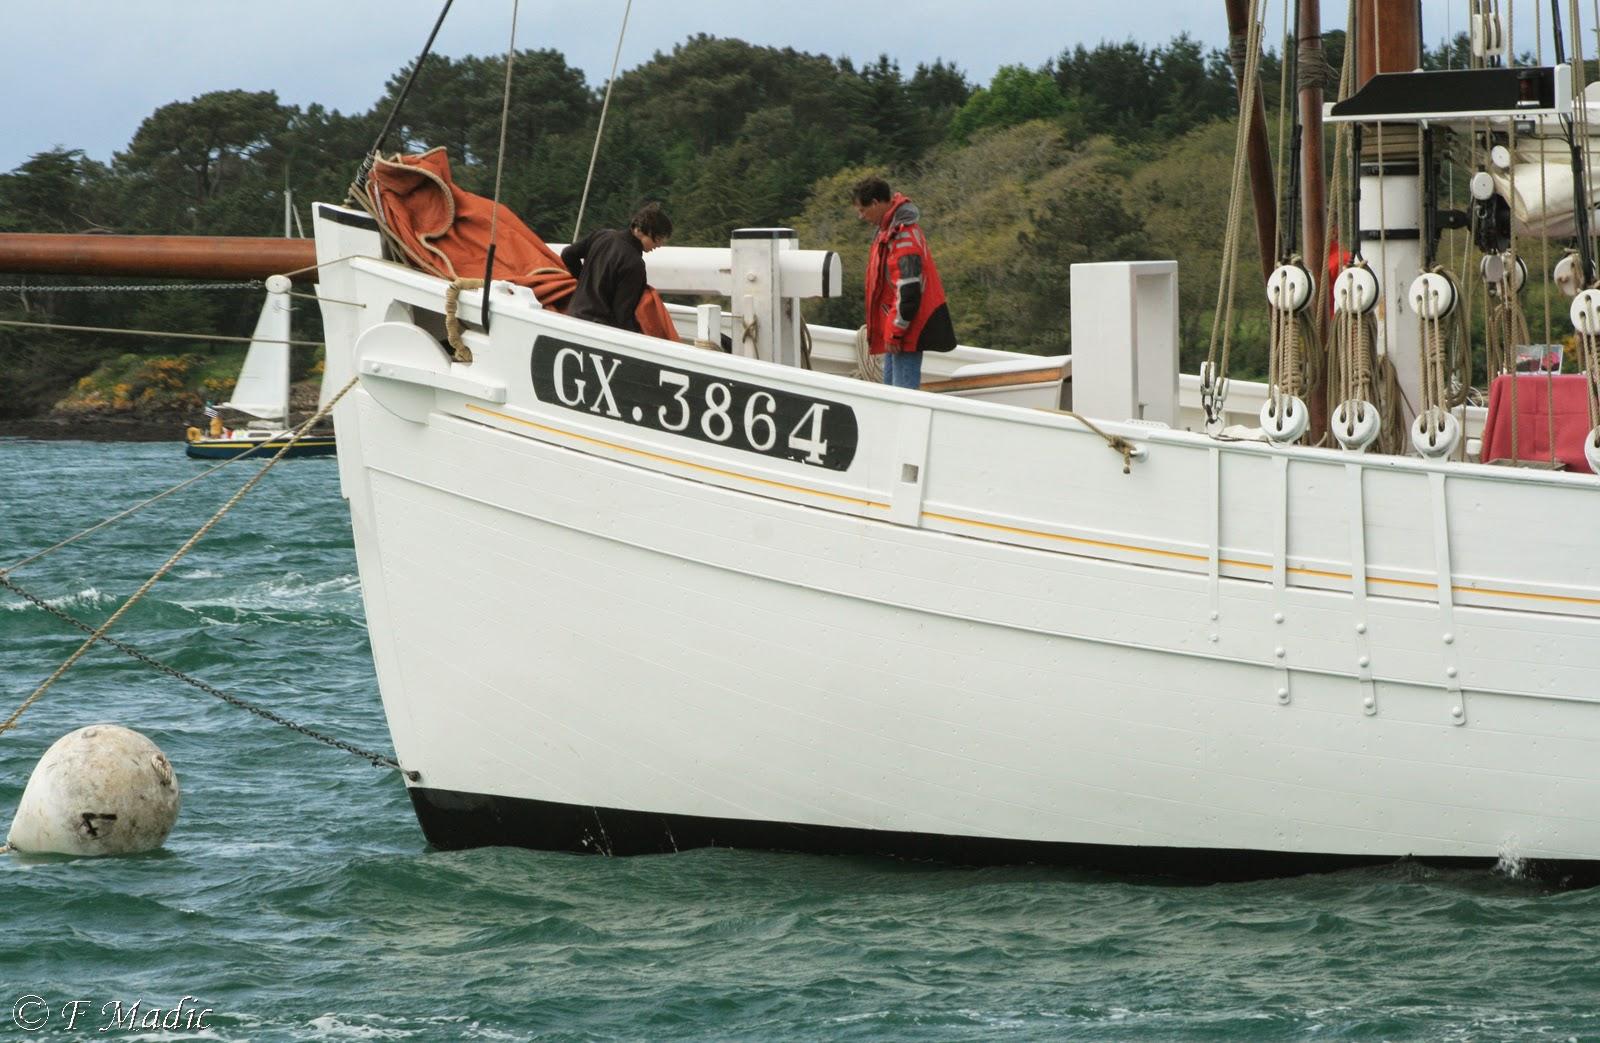 Thonier Marie-Jeanne (Billing Boats 1/50°) par jojo5 - Page 4 ?u=http%3A%2F%2F1.bp.blogspot.com%2F-zaeBVJP5POM%2FU3CElczRXXI%2FAAAAAAAAMcs%2F0_OWAgIGgOI%2Fs1600%2FIMG_4568%2Bcopie